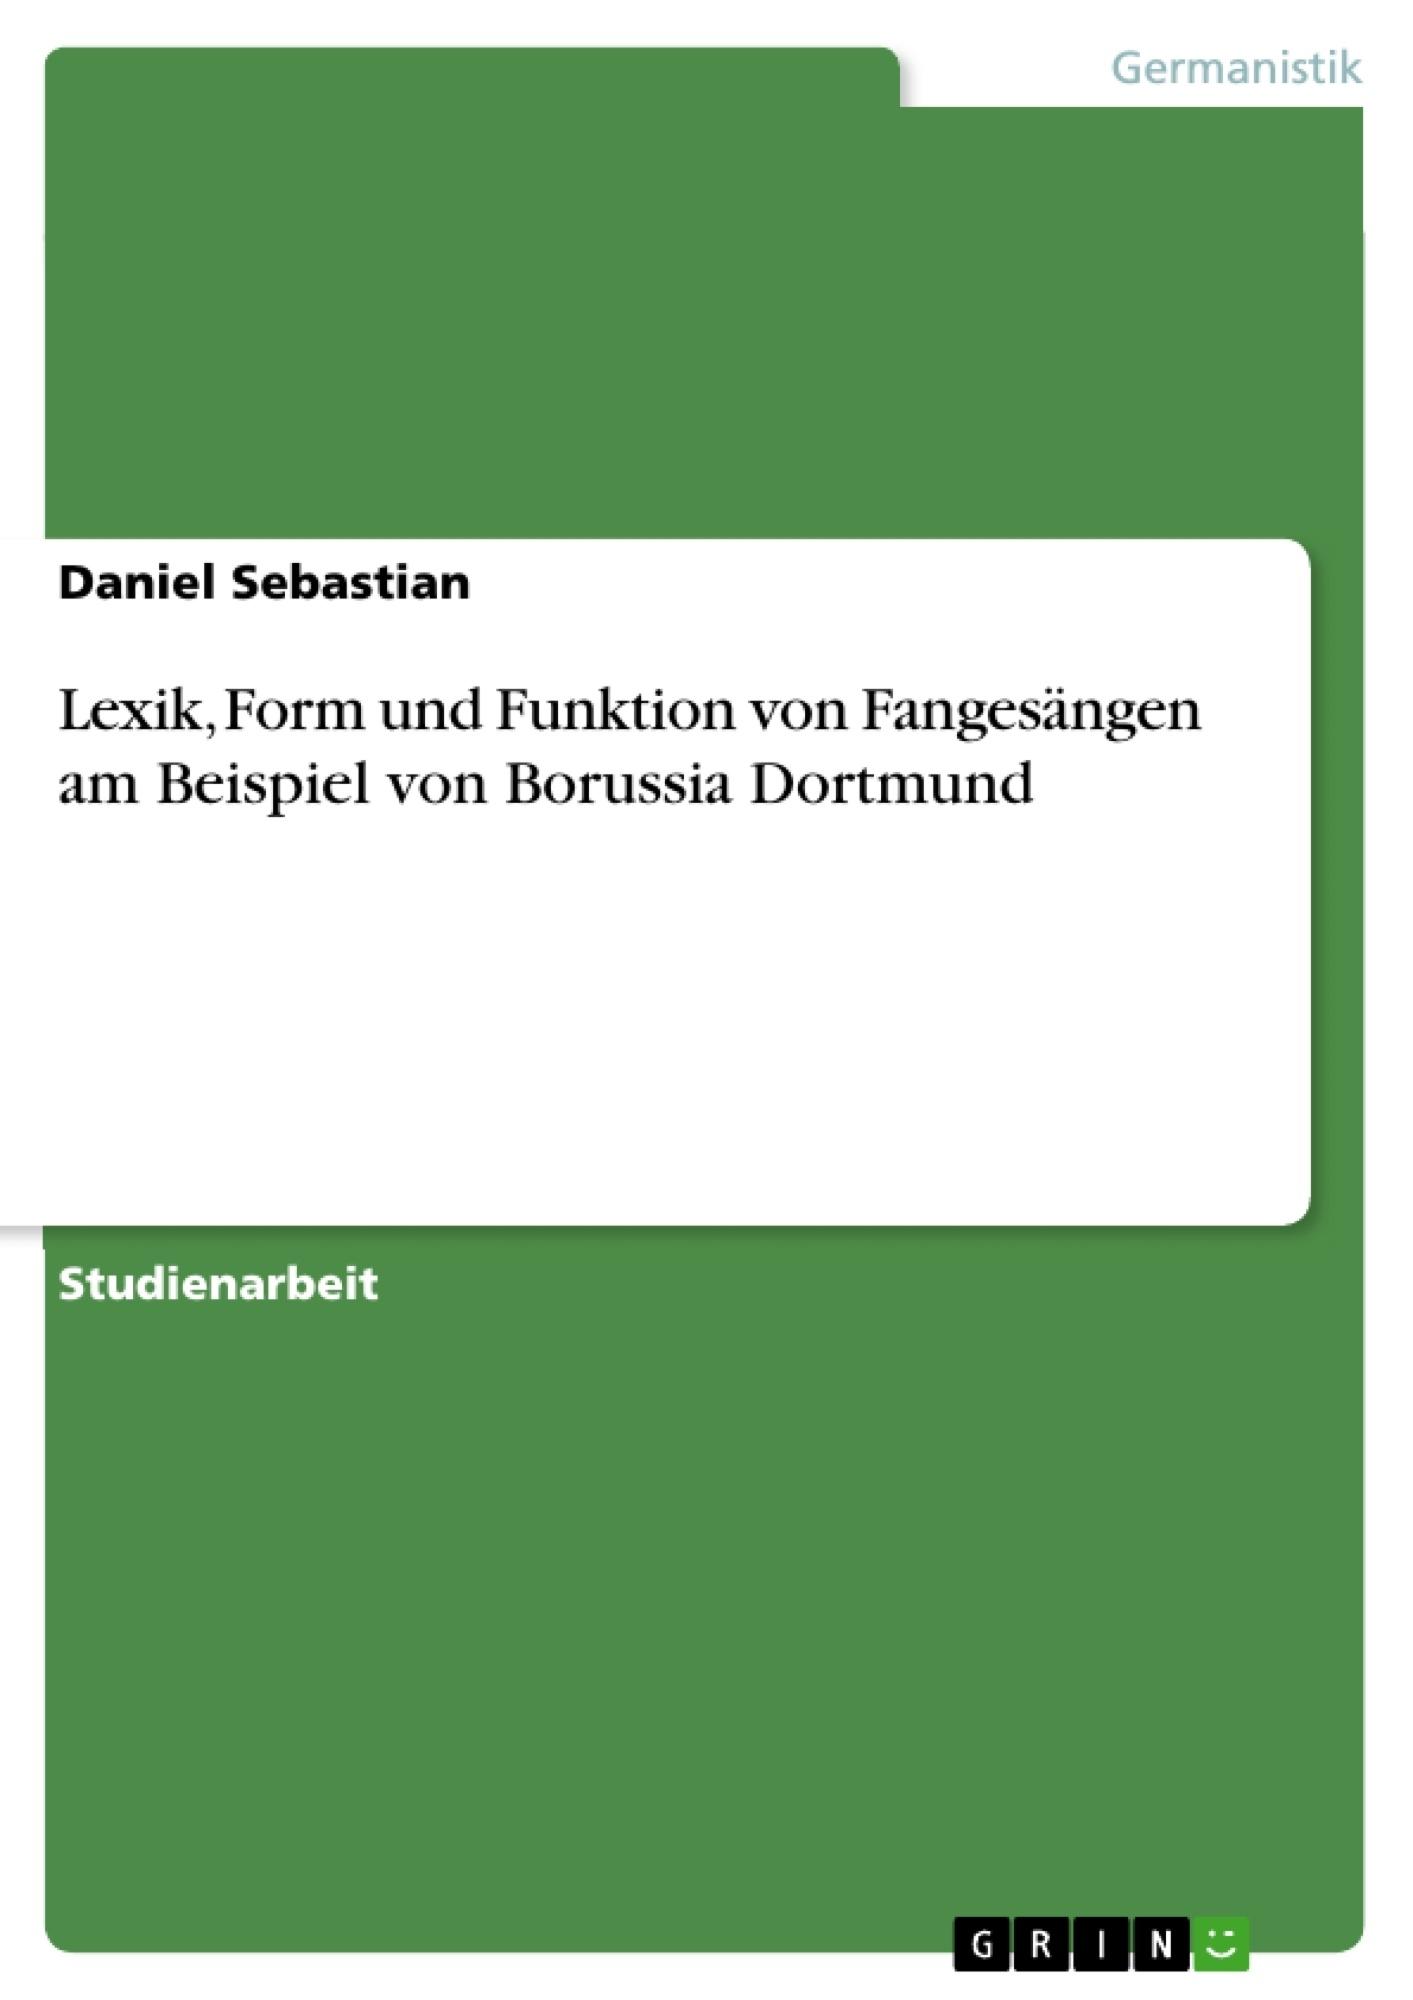 Titel: Lexik, Form und Funktion von Fangesängen am Beispiel von Borussia Dortmund